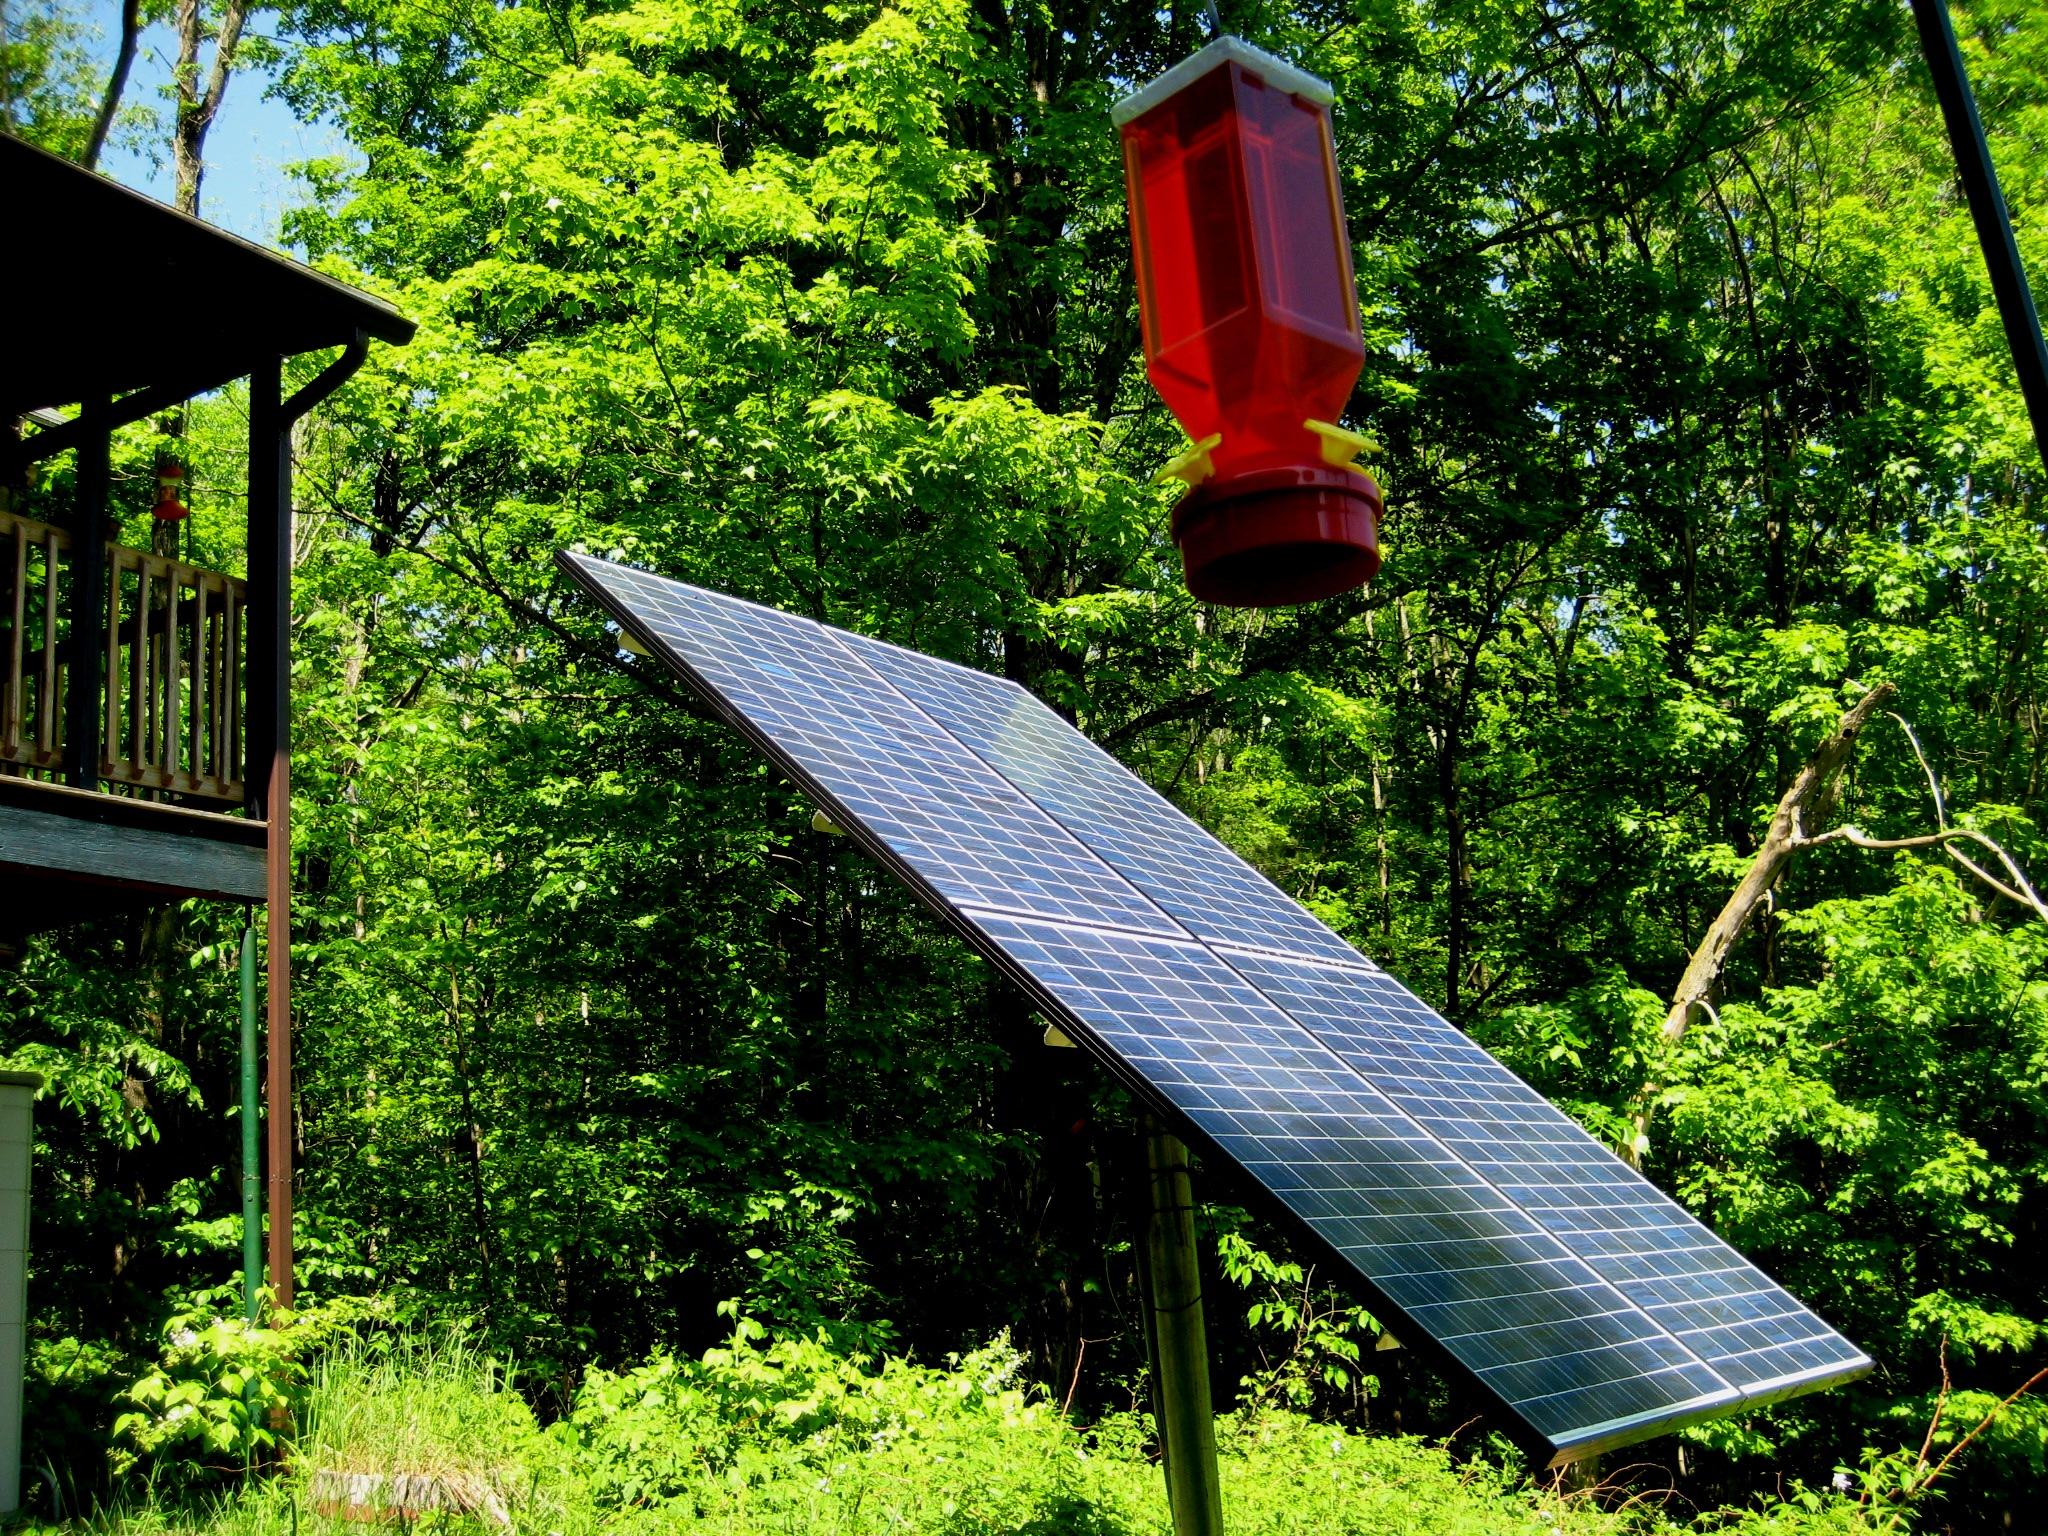 off-grid-solar-greenwich-new-york